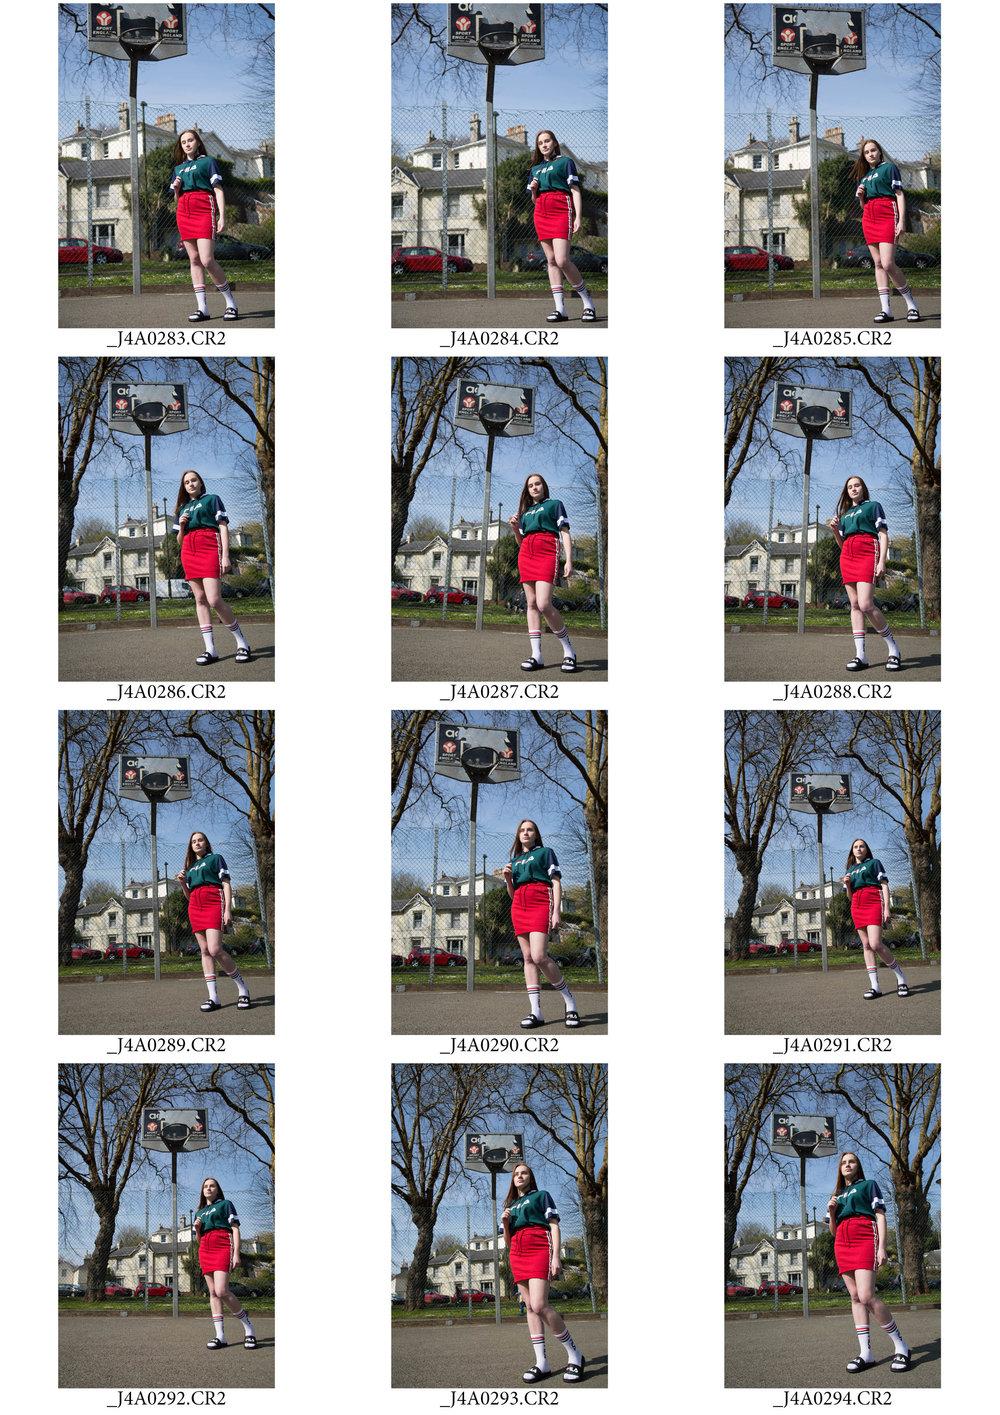 ContactSheet-014 copy.jpg